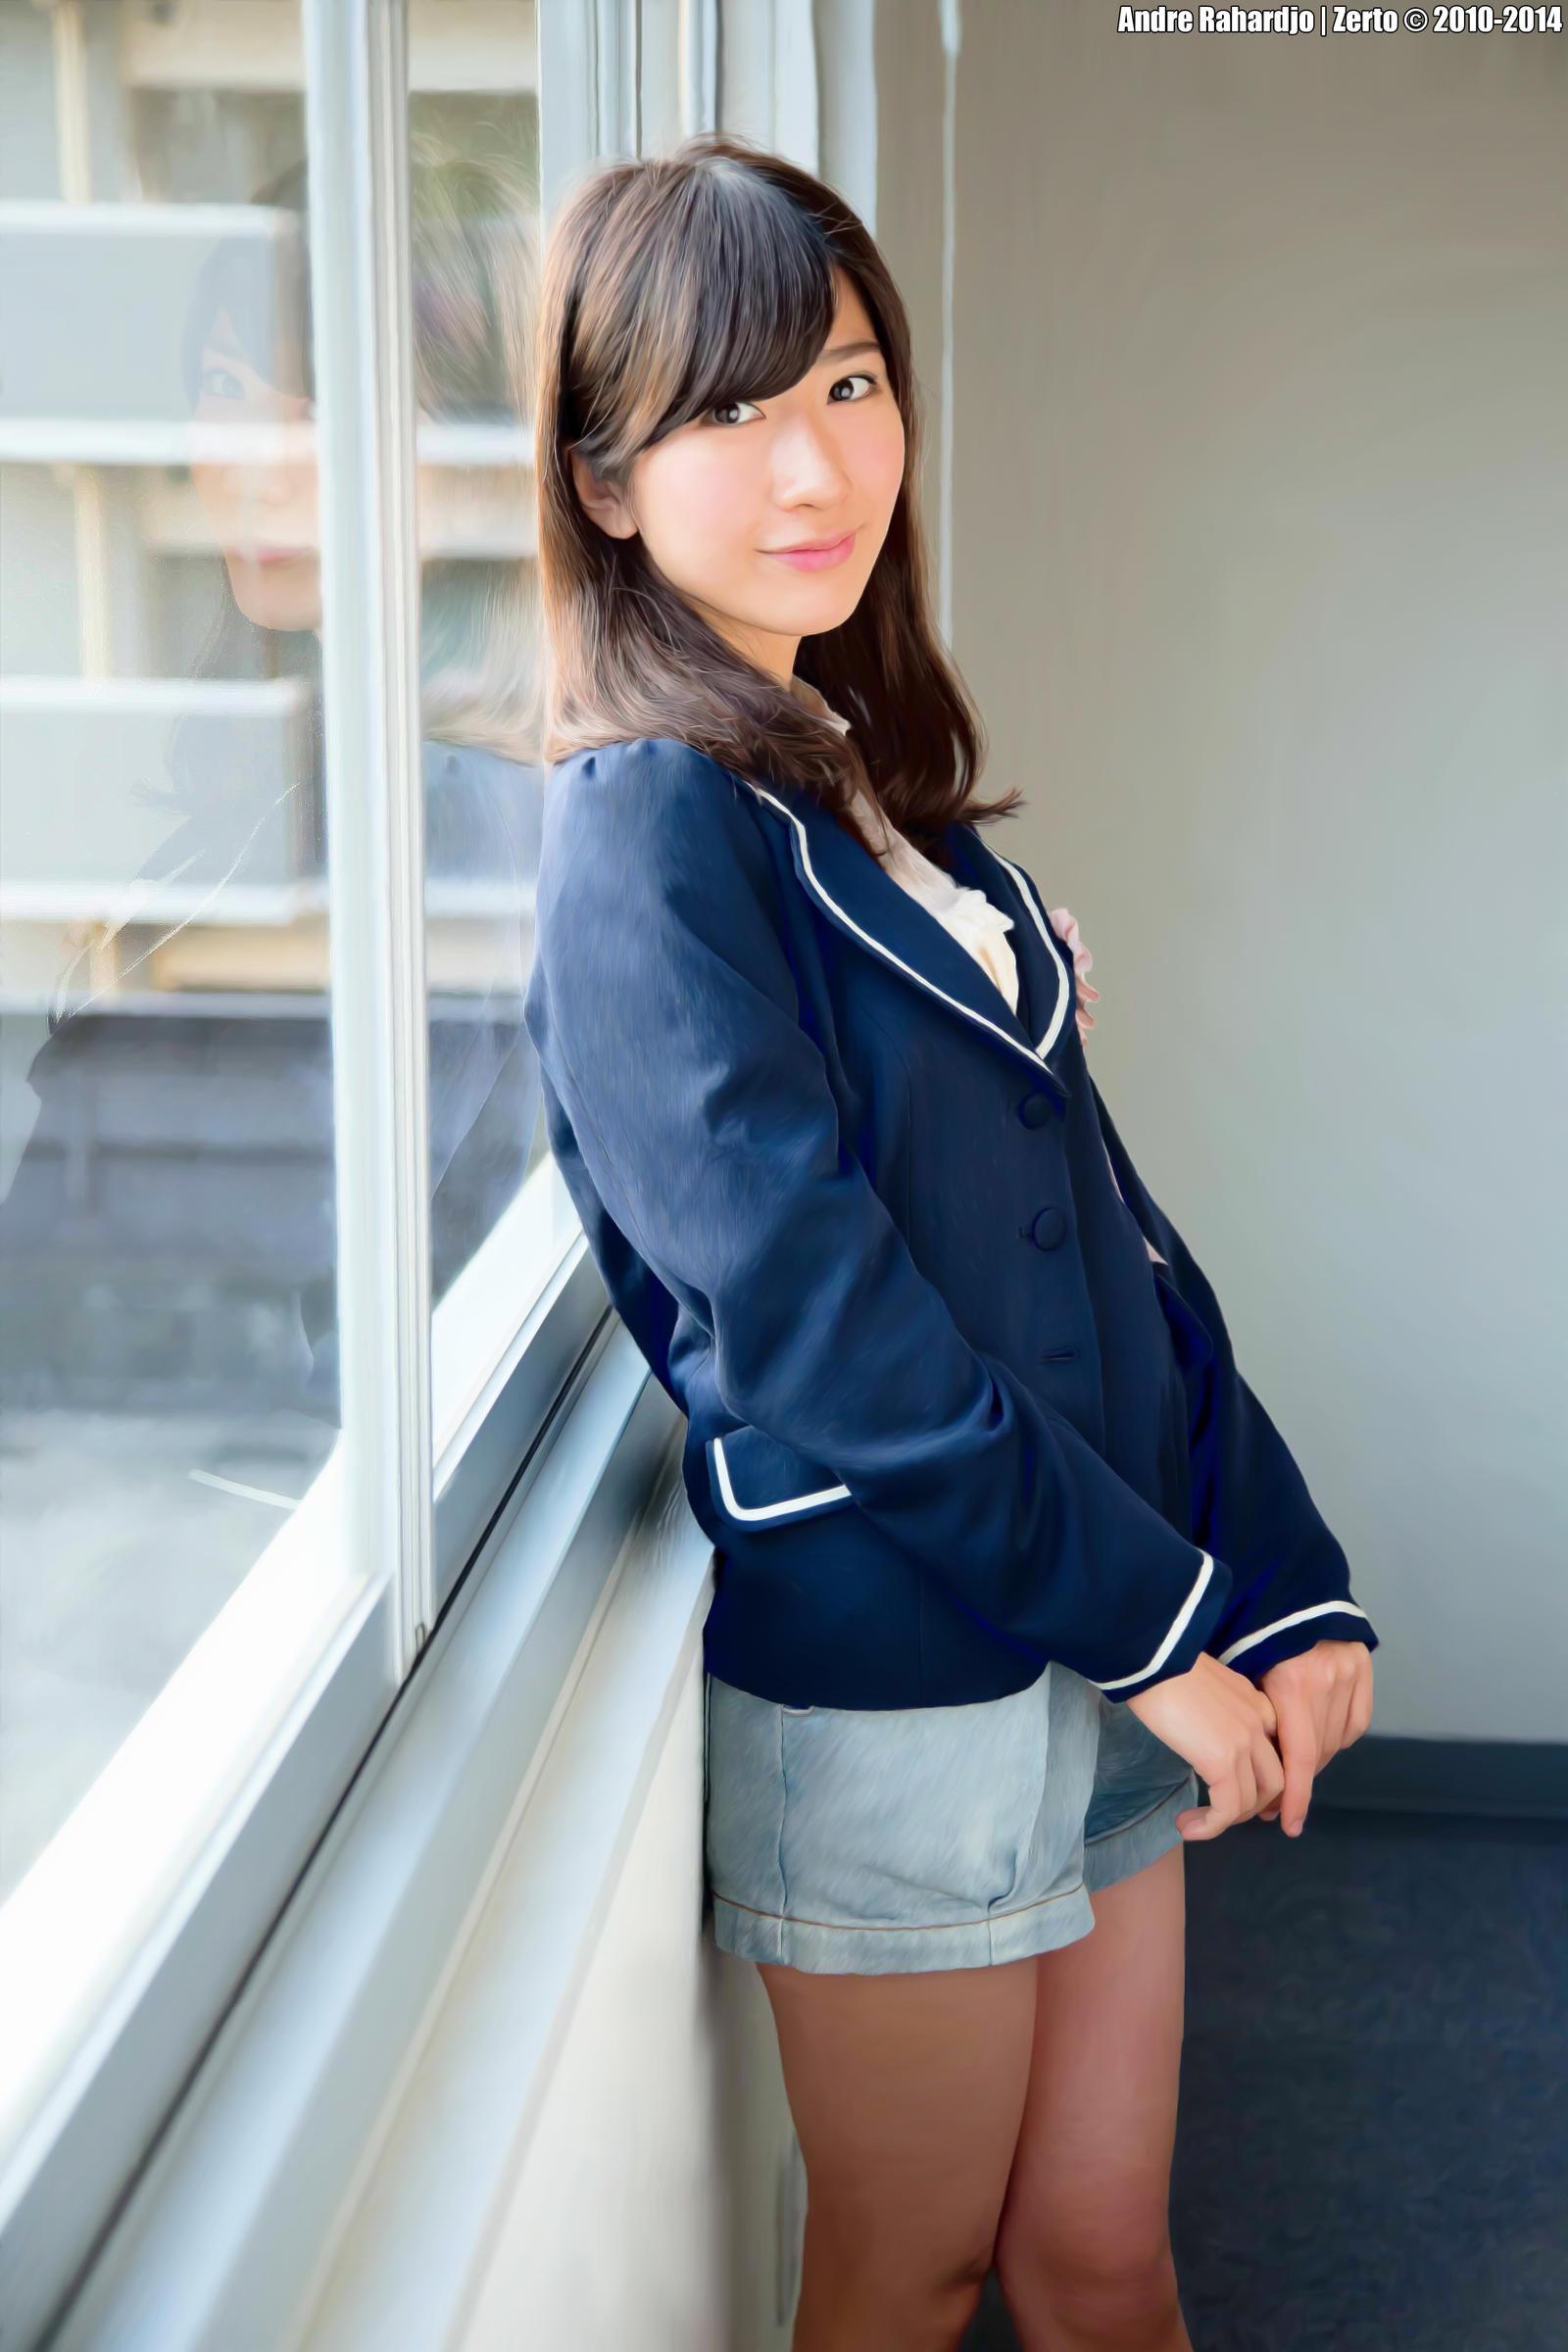 """Résultat de recherche d'images pour """"Ishida Haruka"""""""